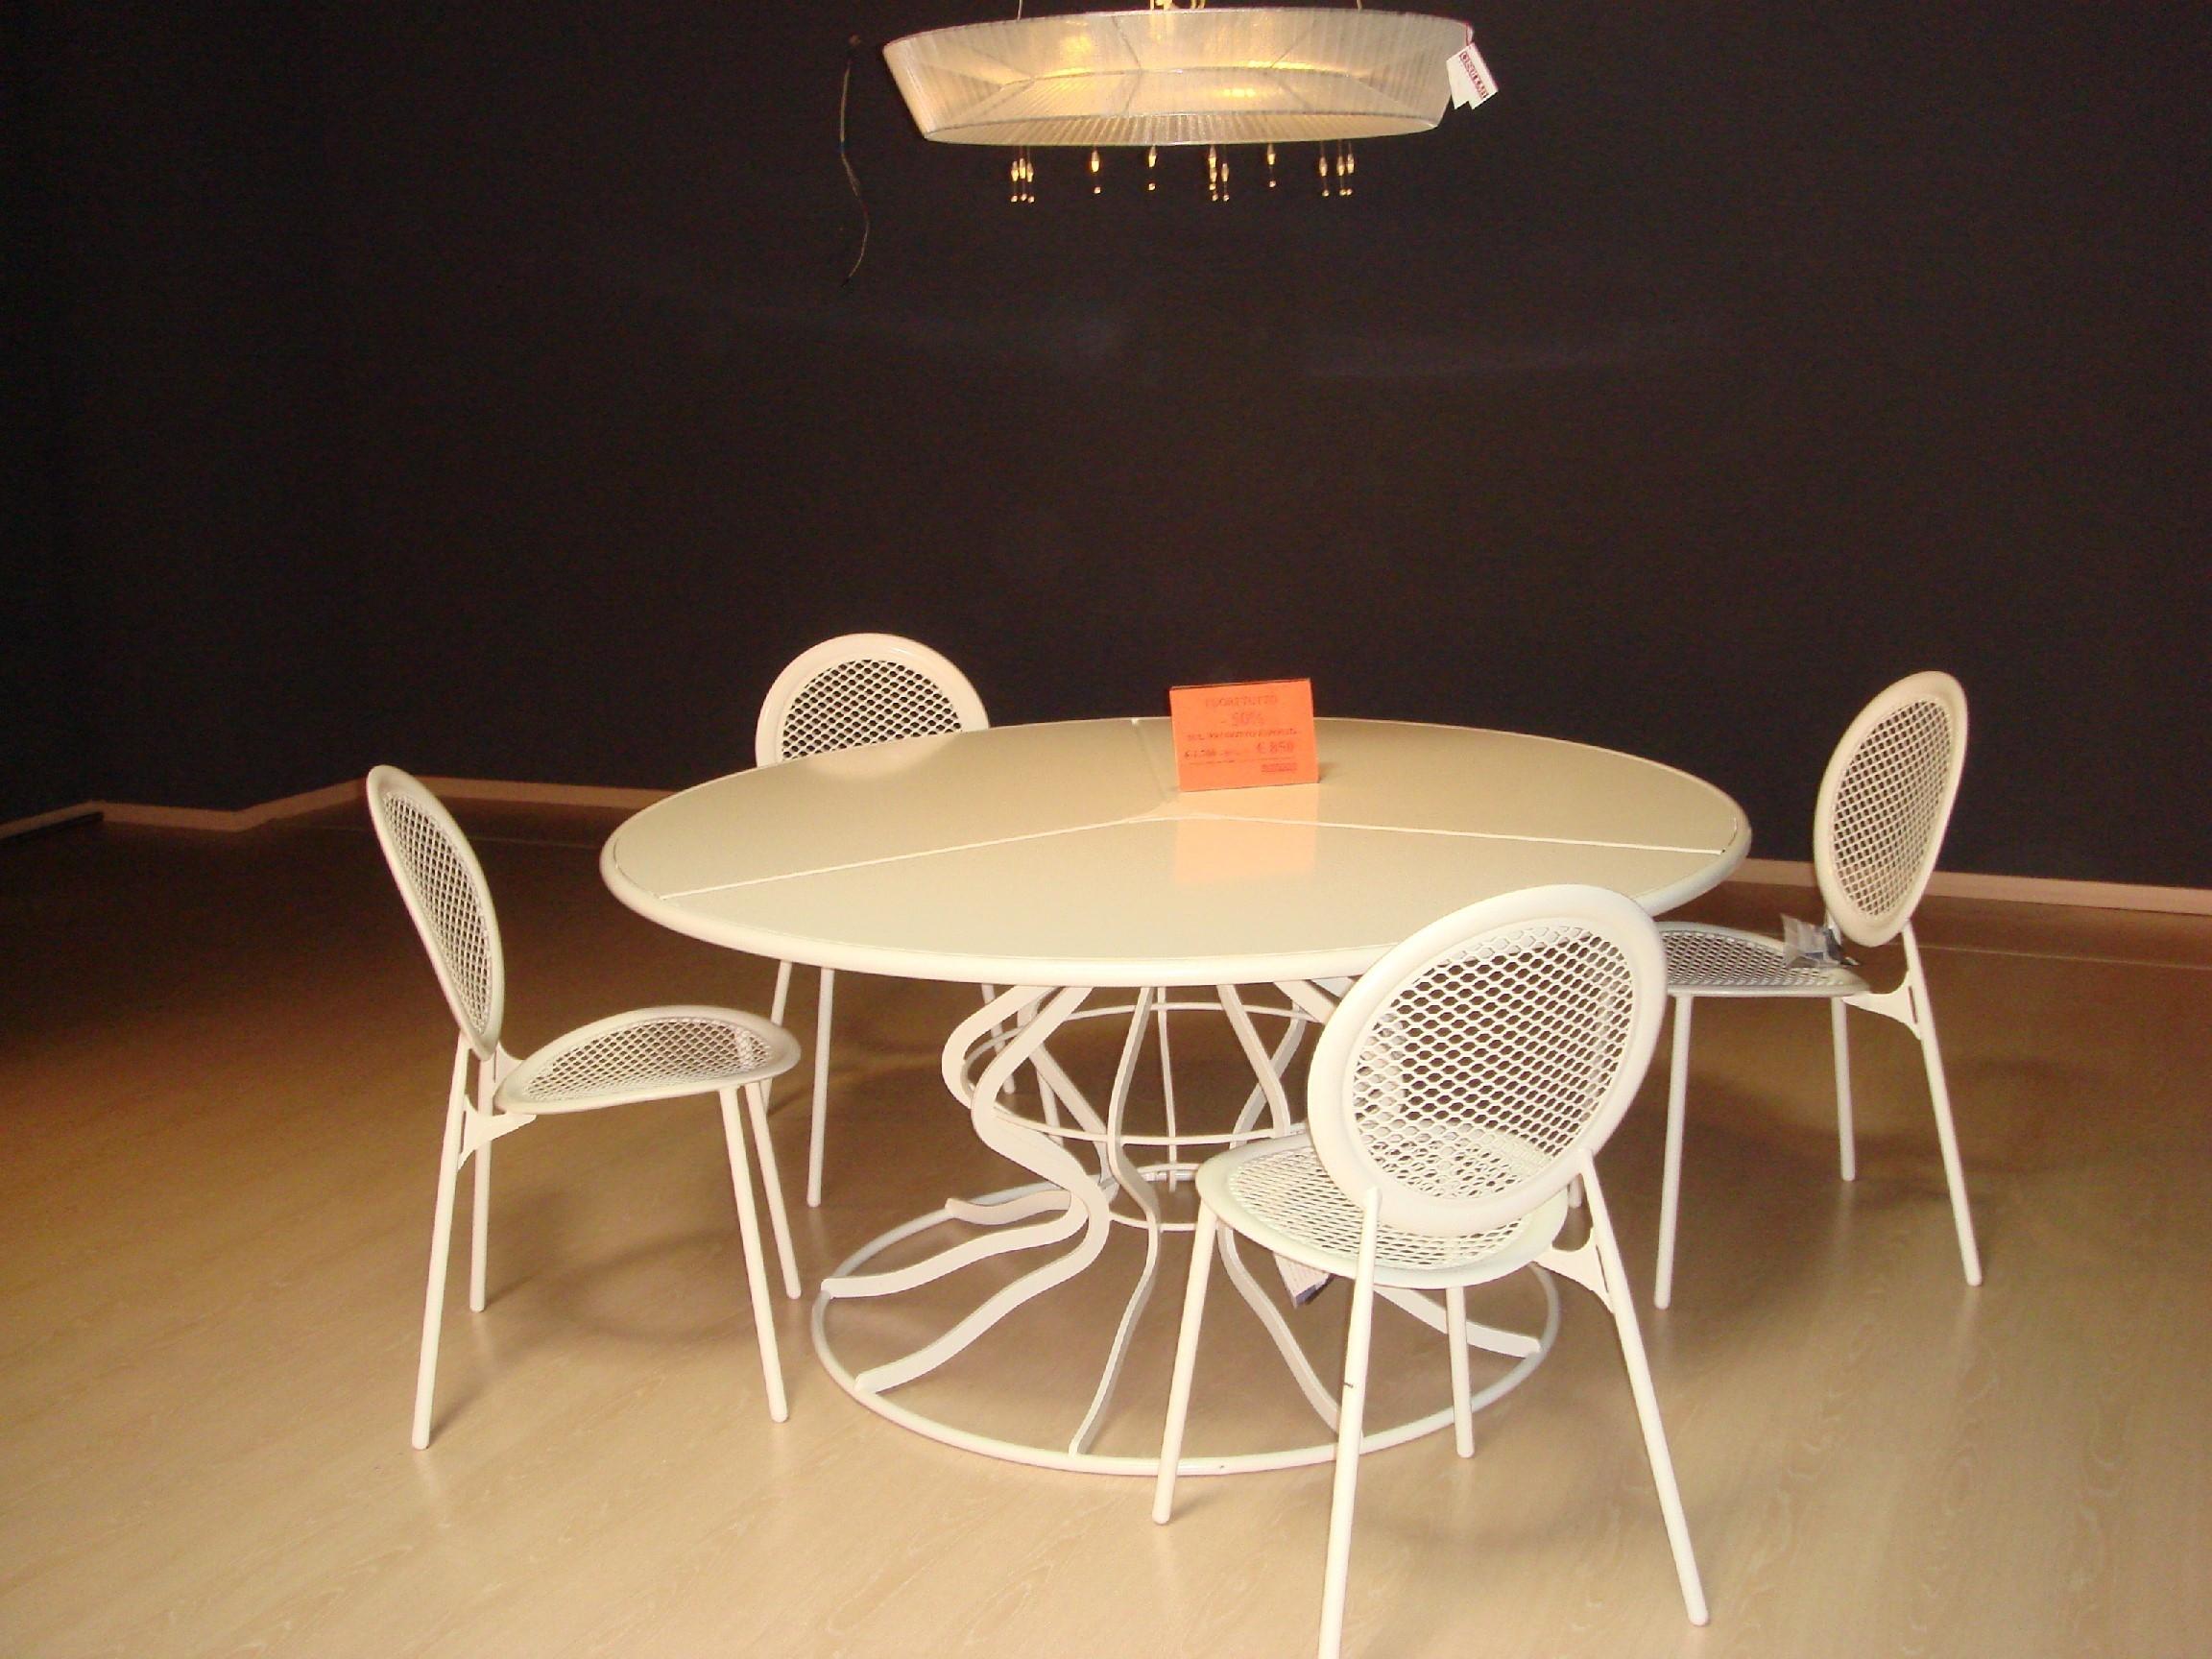 Tavolo emu giardino minuetto completo di sedie scontato for Emu mobili giardino prezzi